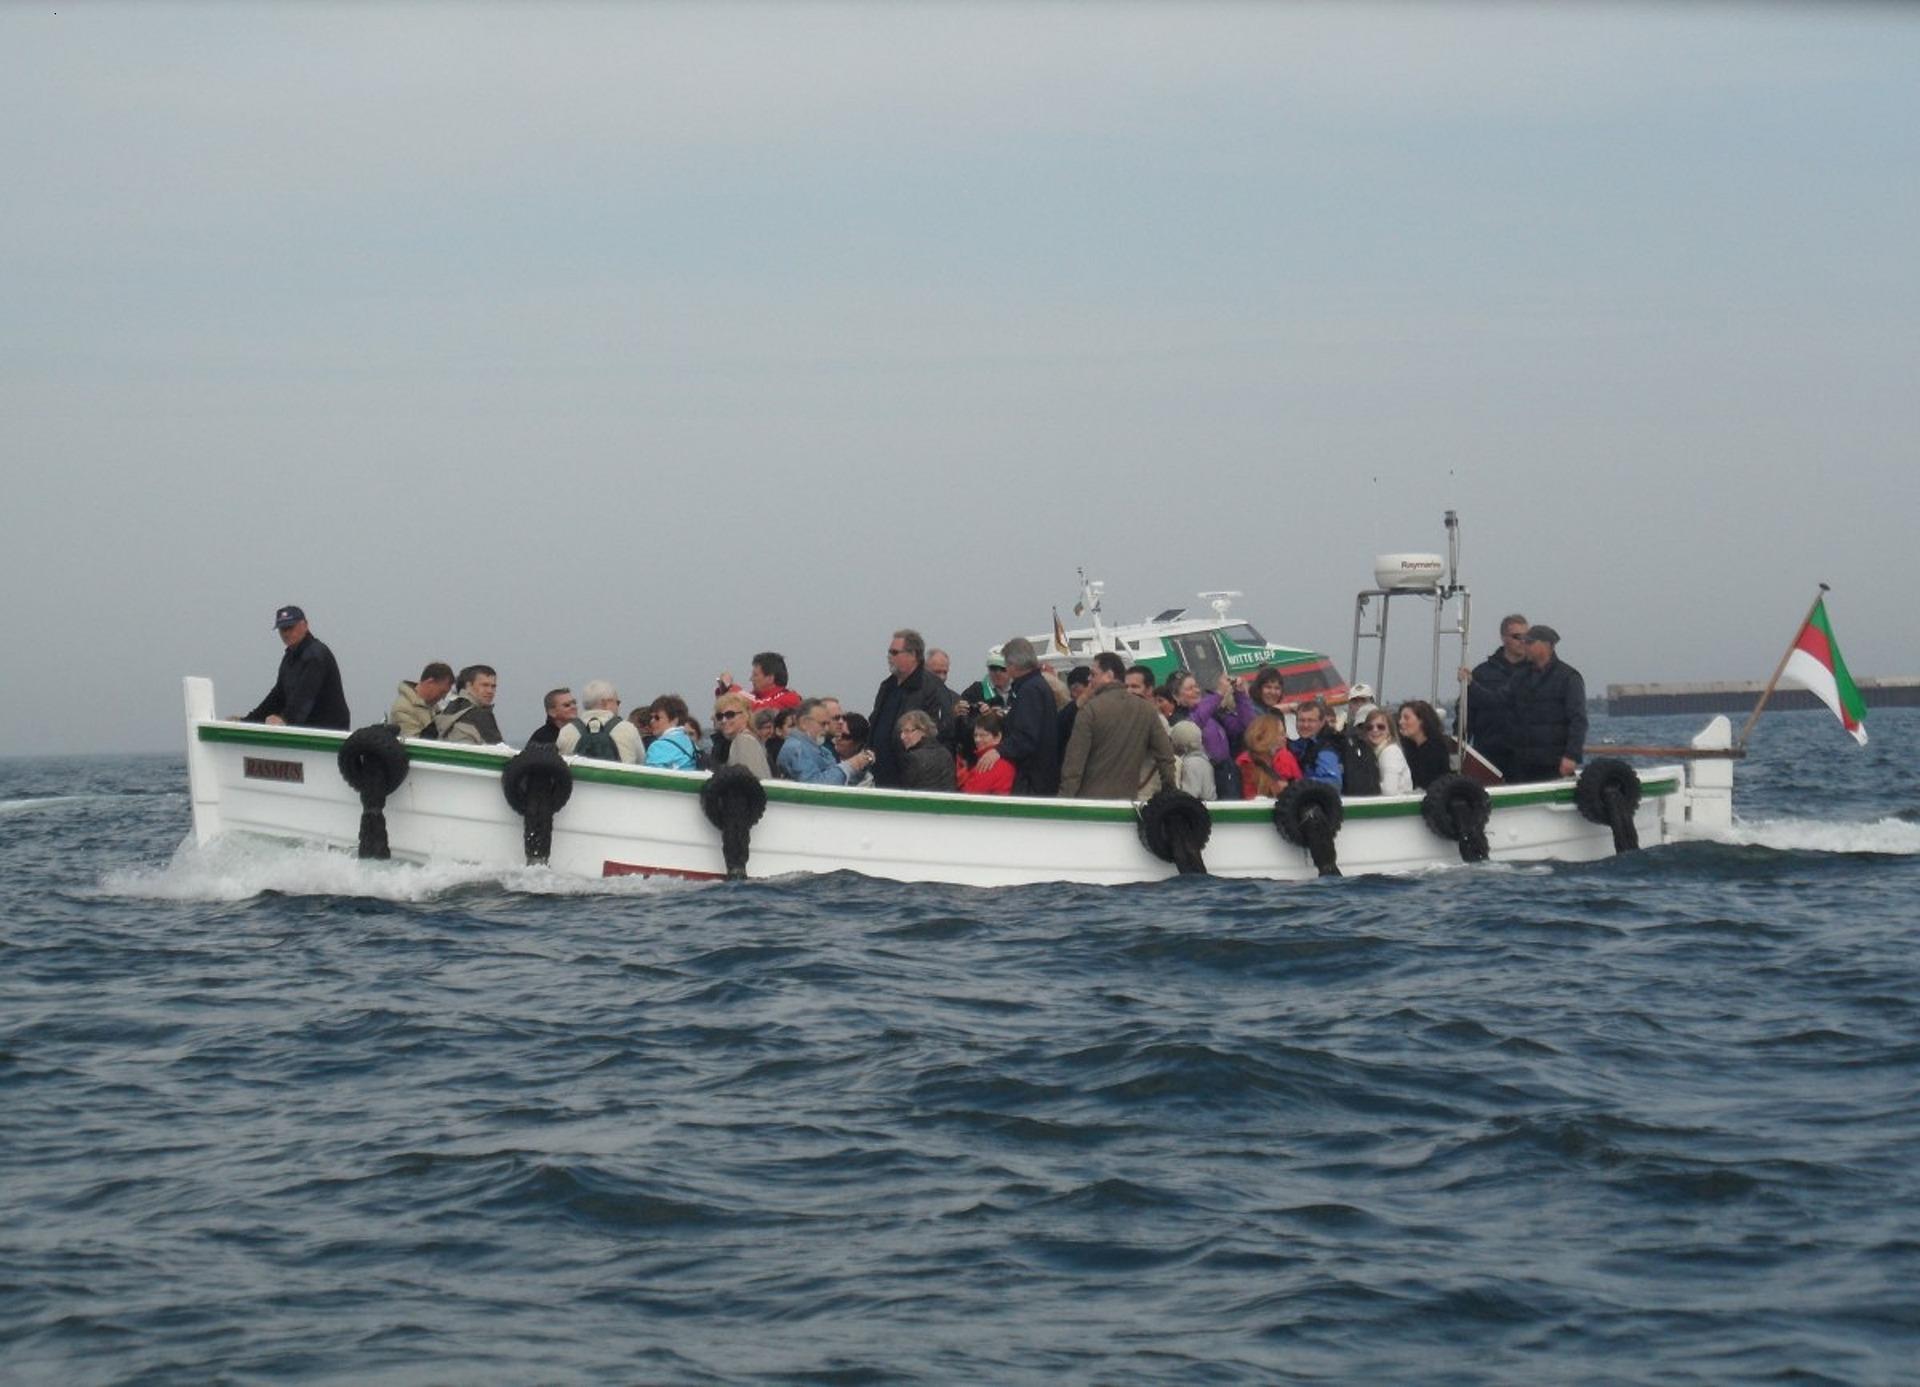 Börteboot bei der Überfahrt zu der Nordseeinsel mit Passagieren